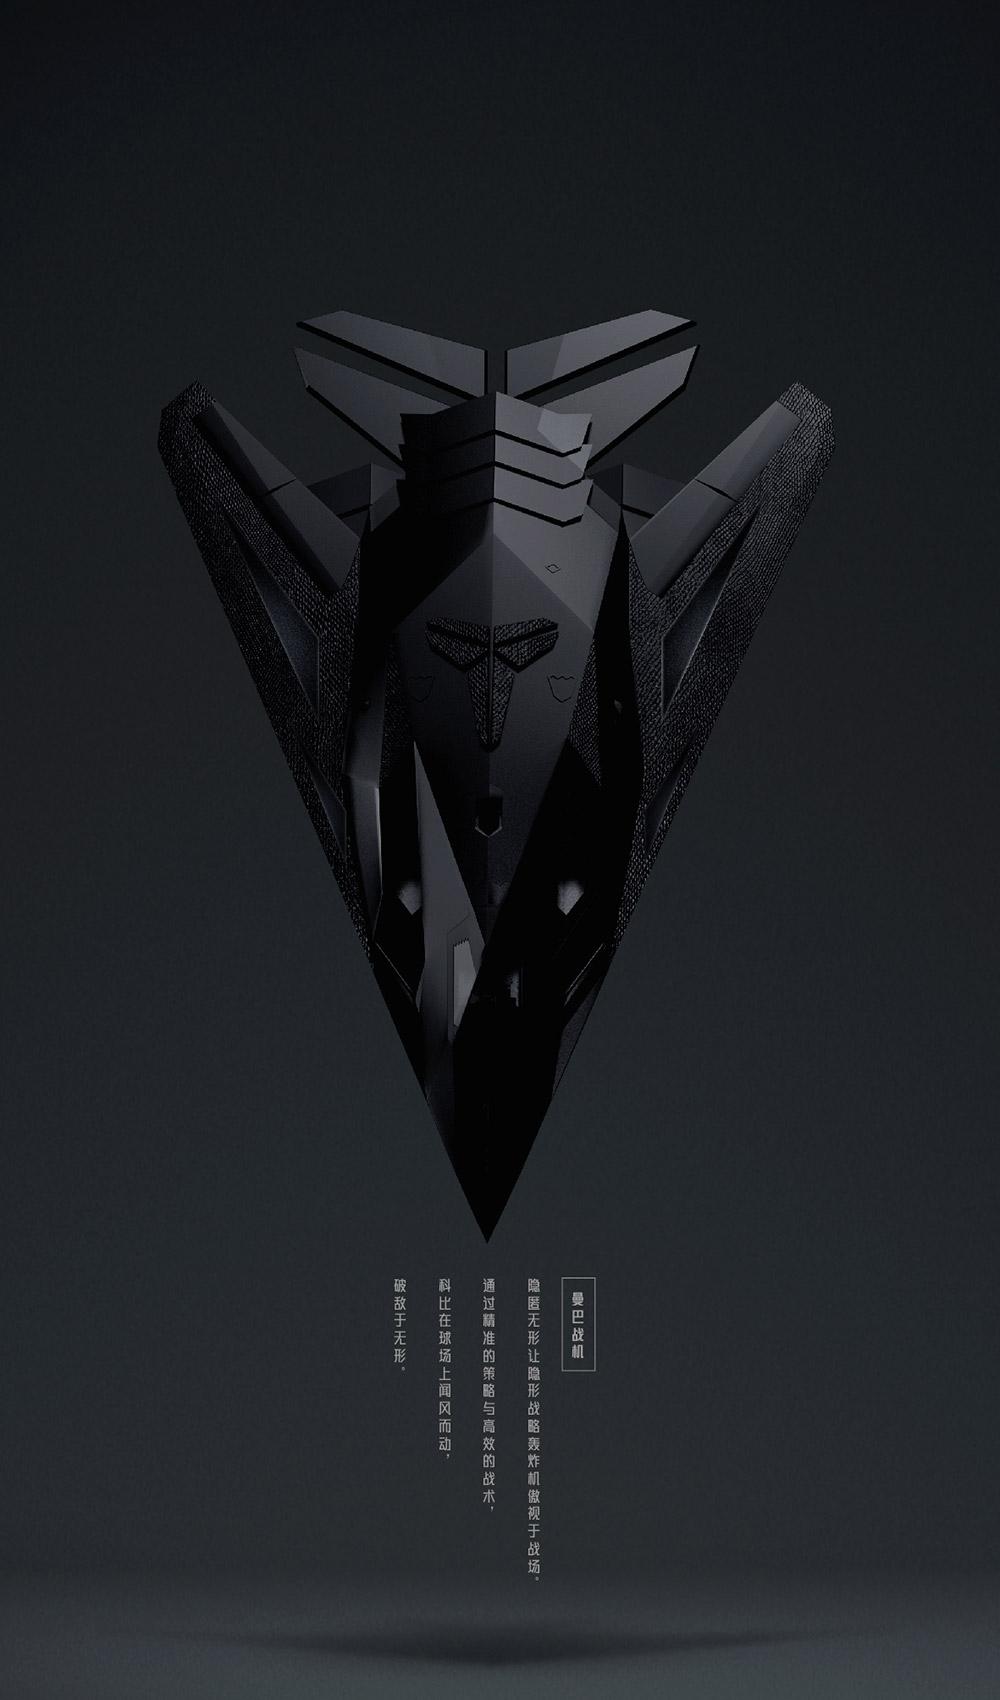 Kobe-Symbols-4-02